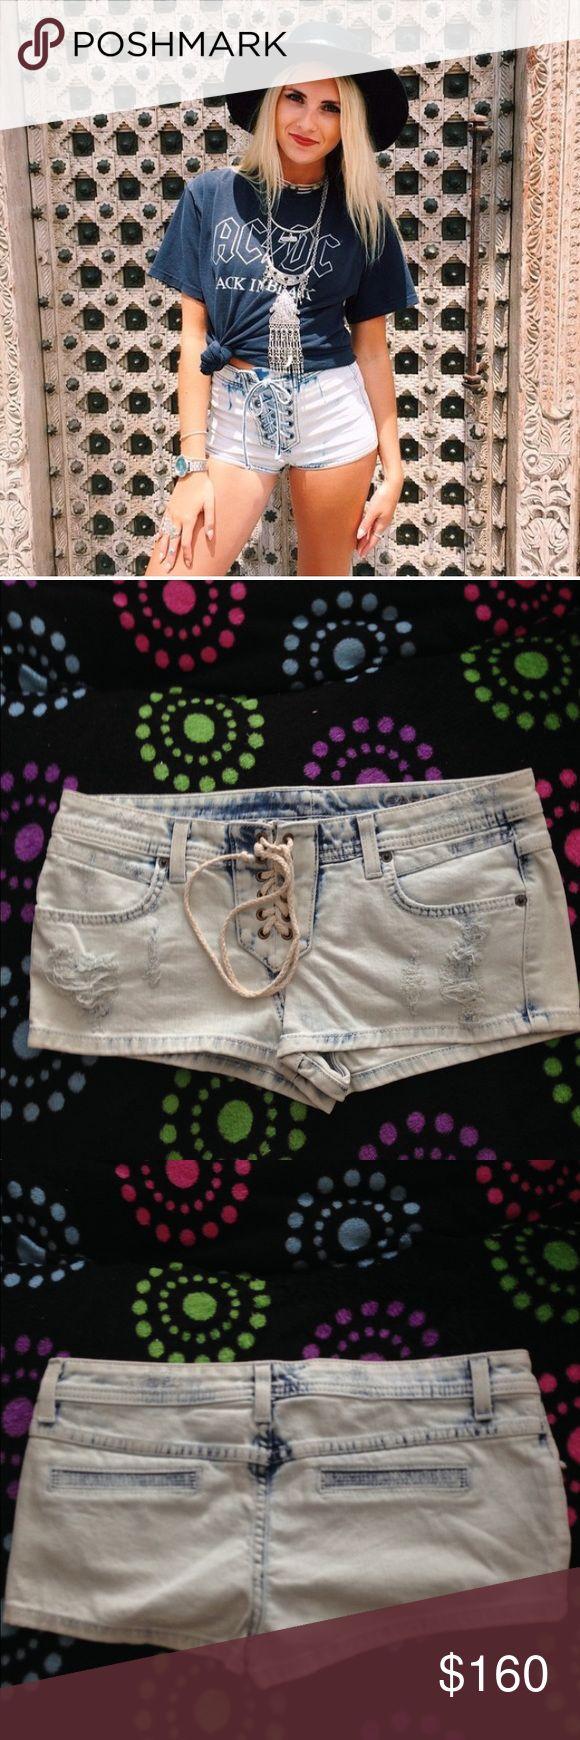 Oltre 1000 idee su Pantaloncini Lavaggio Acido su Pinterest ...